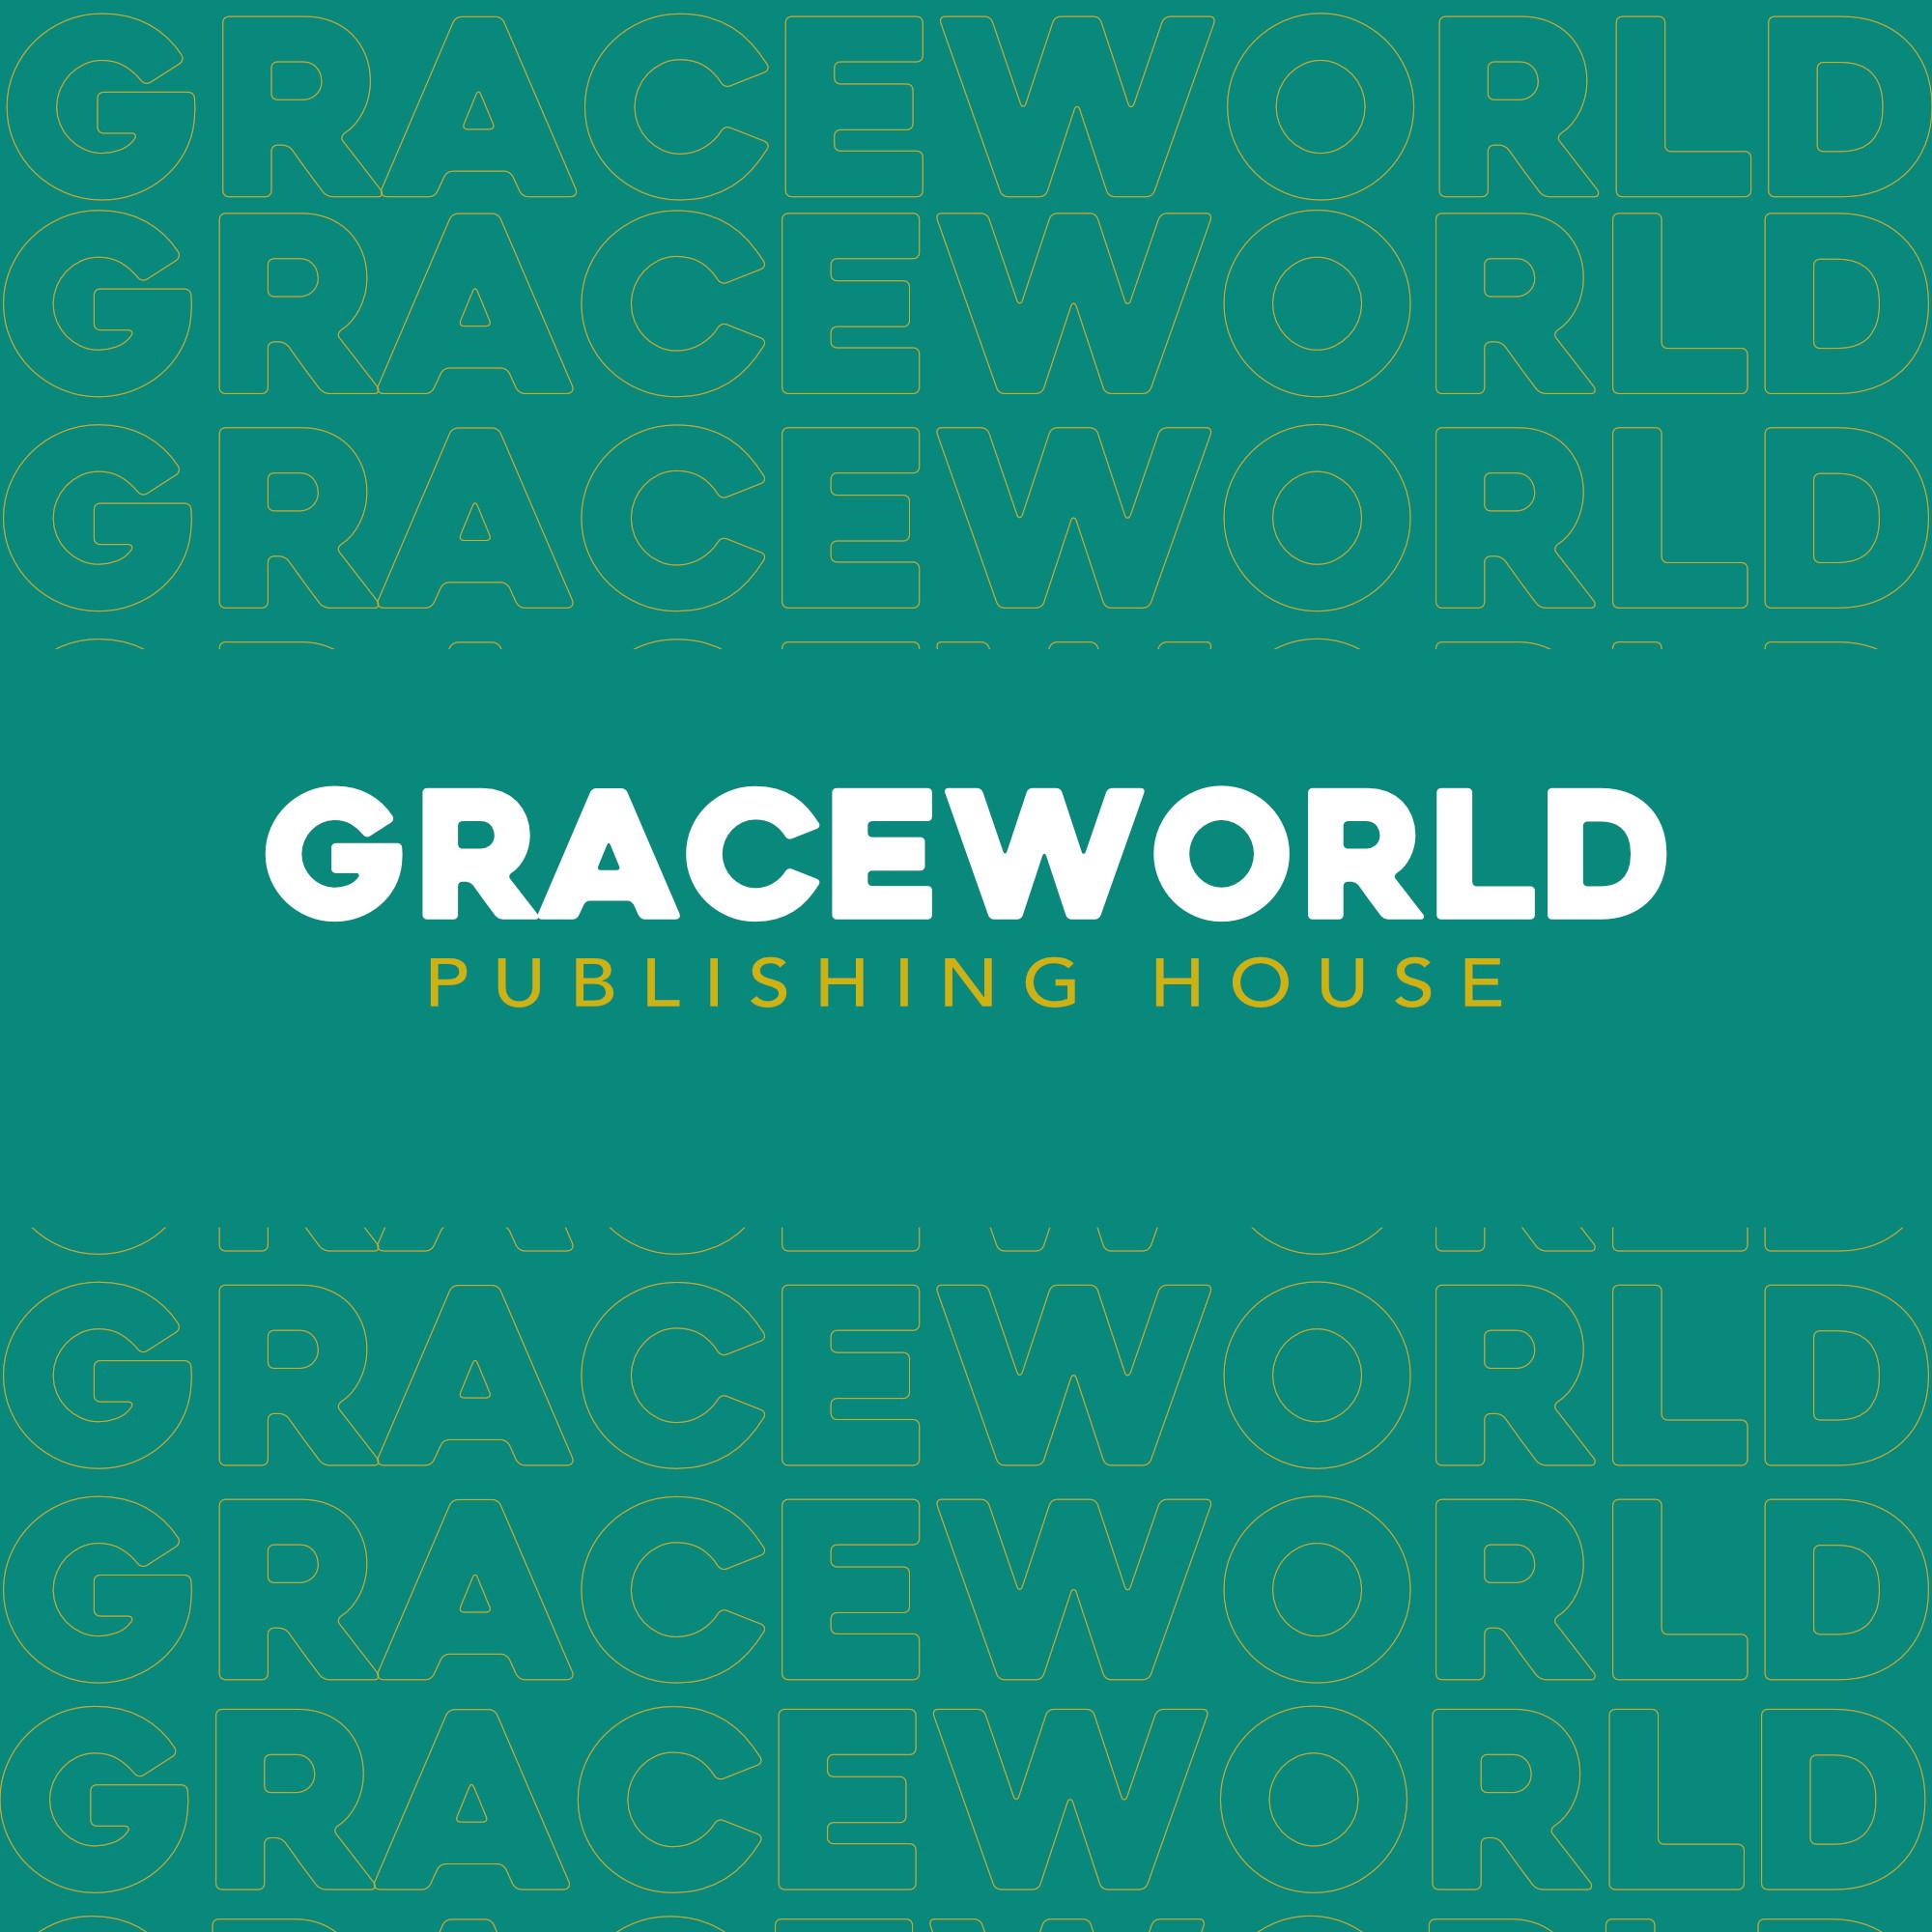 GraceWorld Publishing House